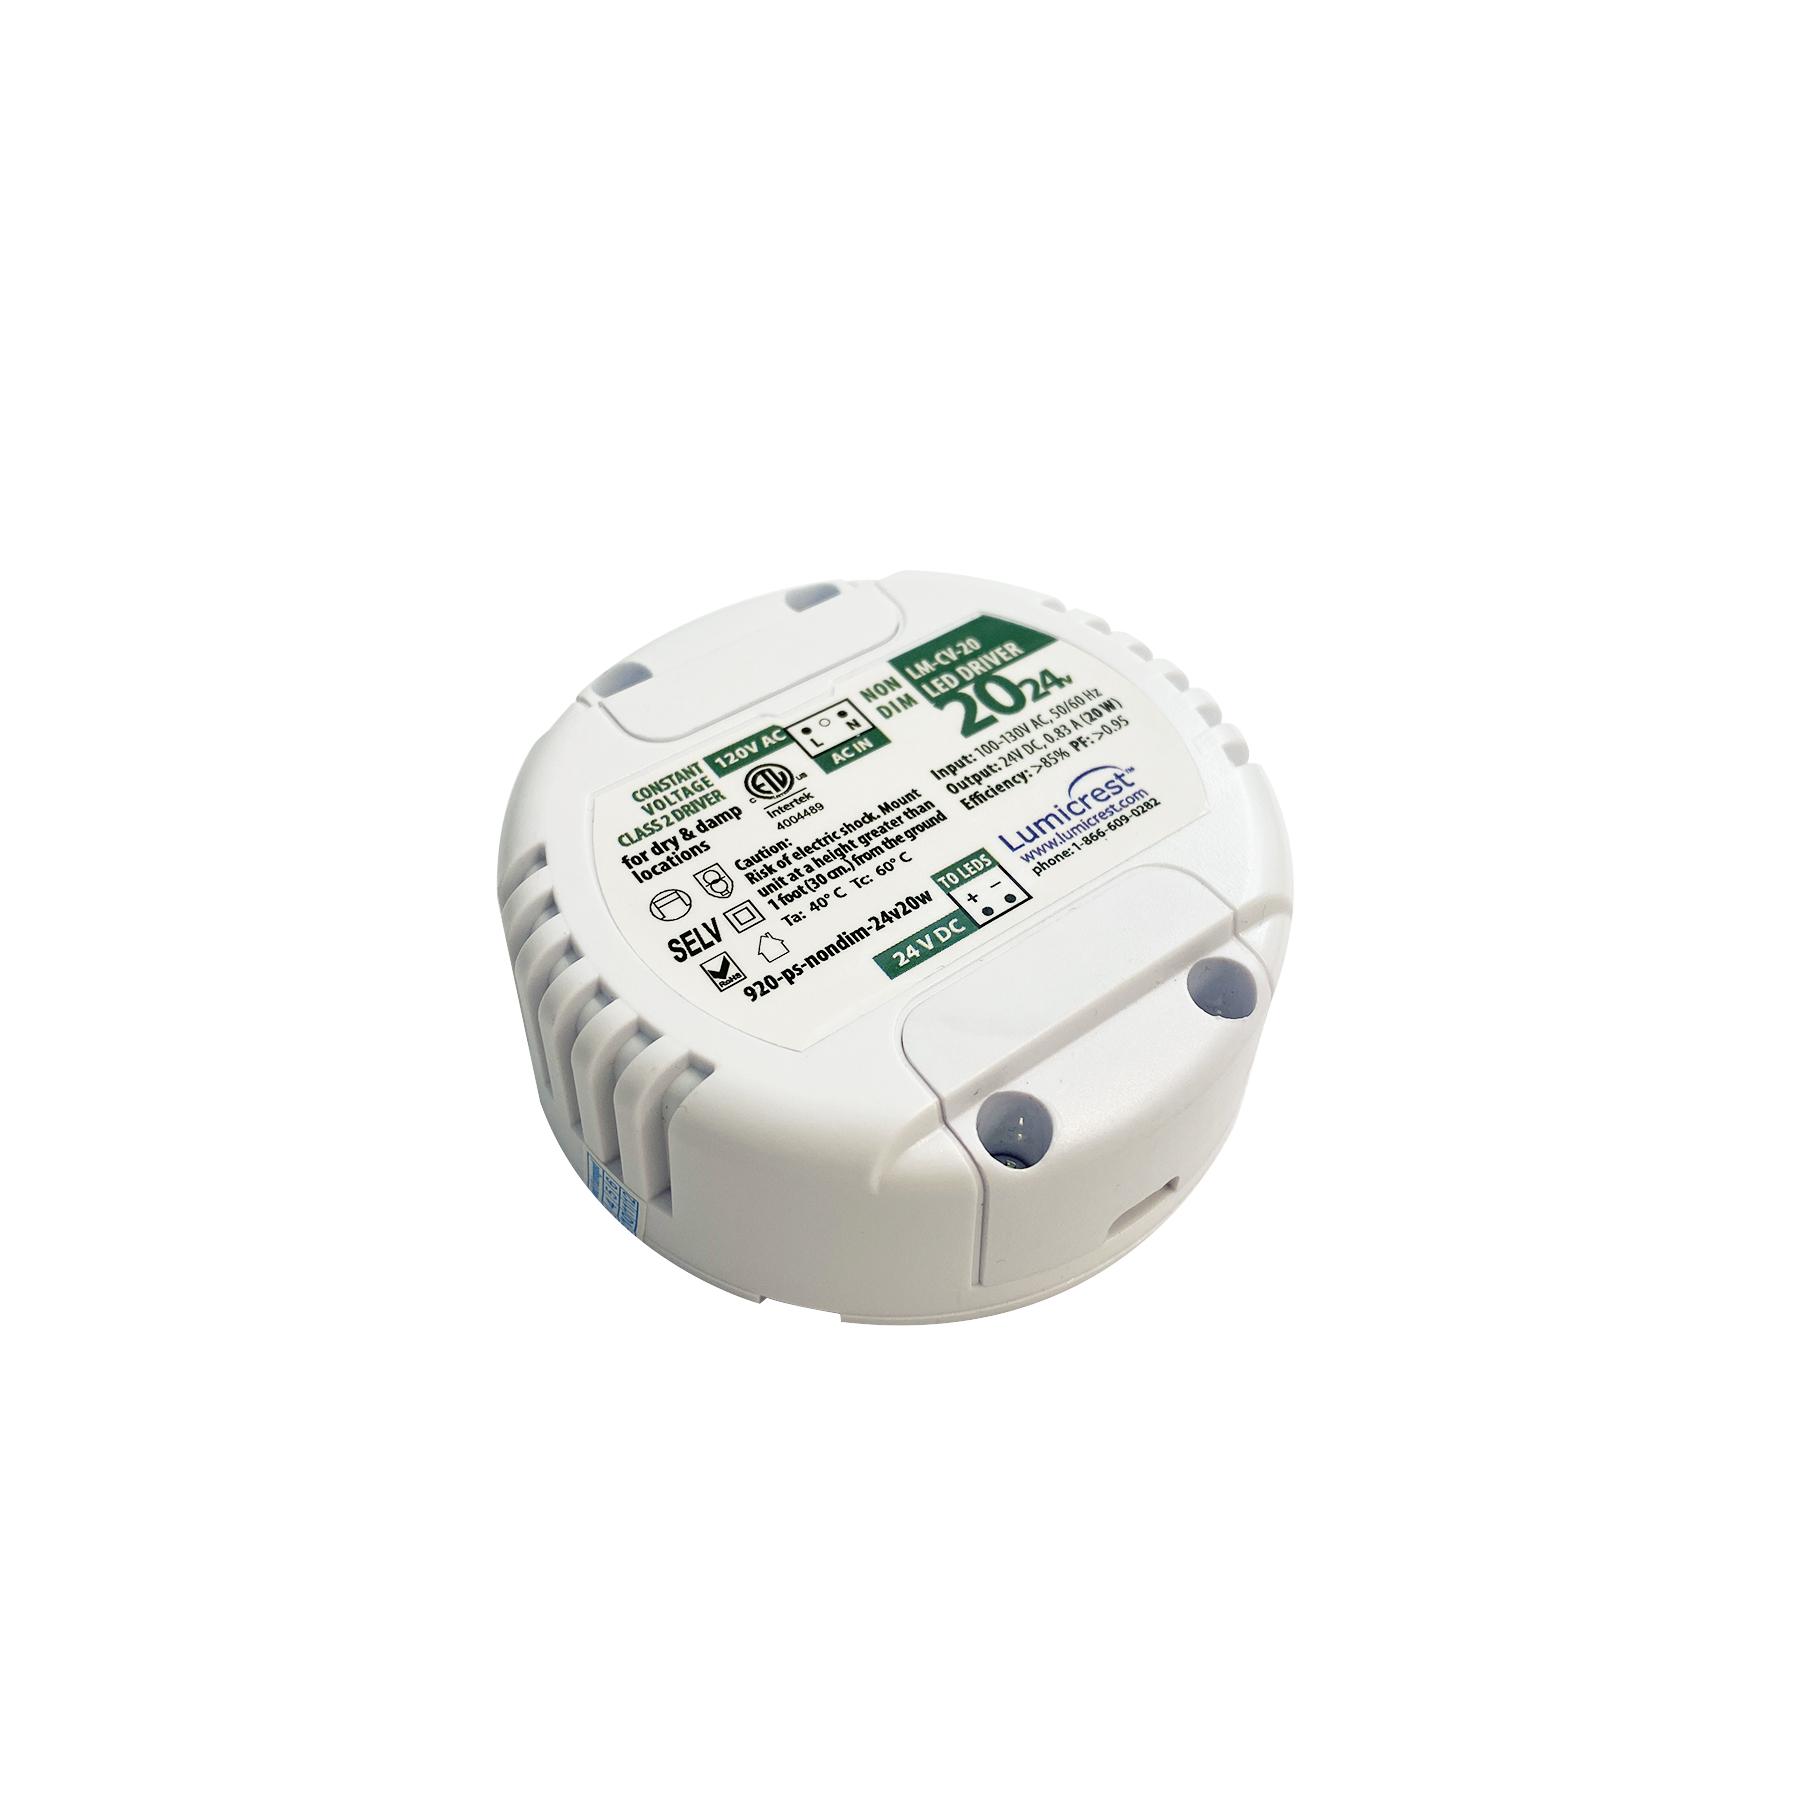 24v 20 watt Power Supply for LED Strip